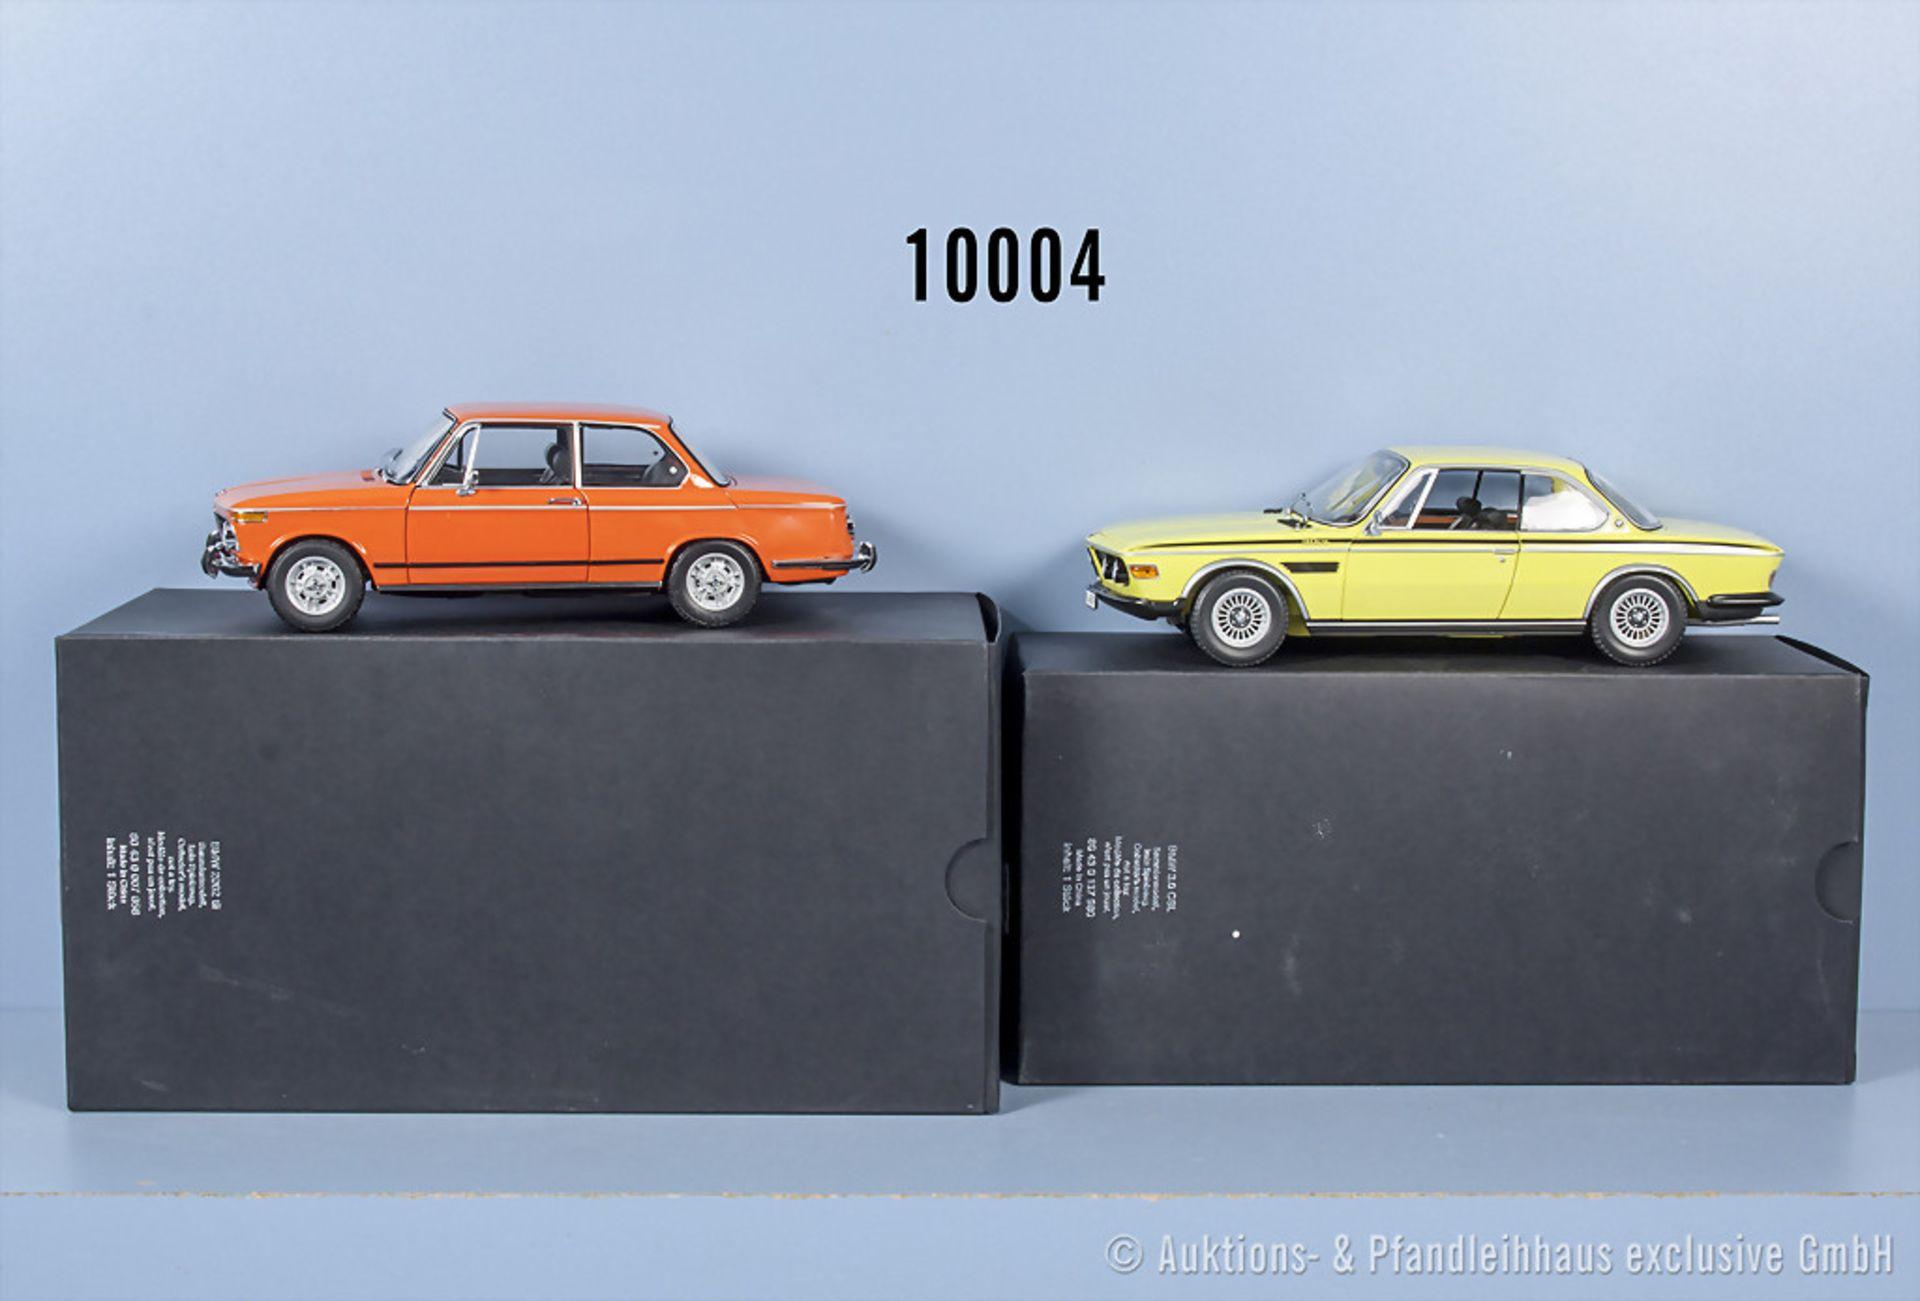 Konv. 2 BMW Modellfahrzeuge dabei Minichamps BMW 3.0 CSL und Kyosho BMW 2002 tii, ...